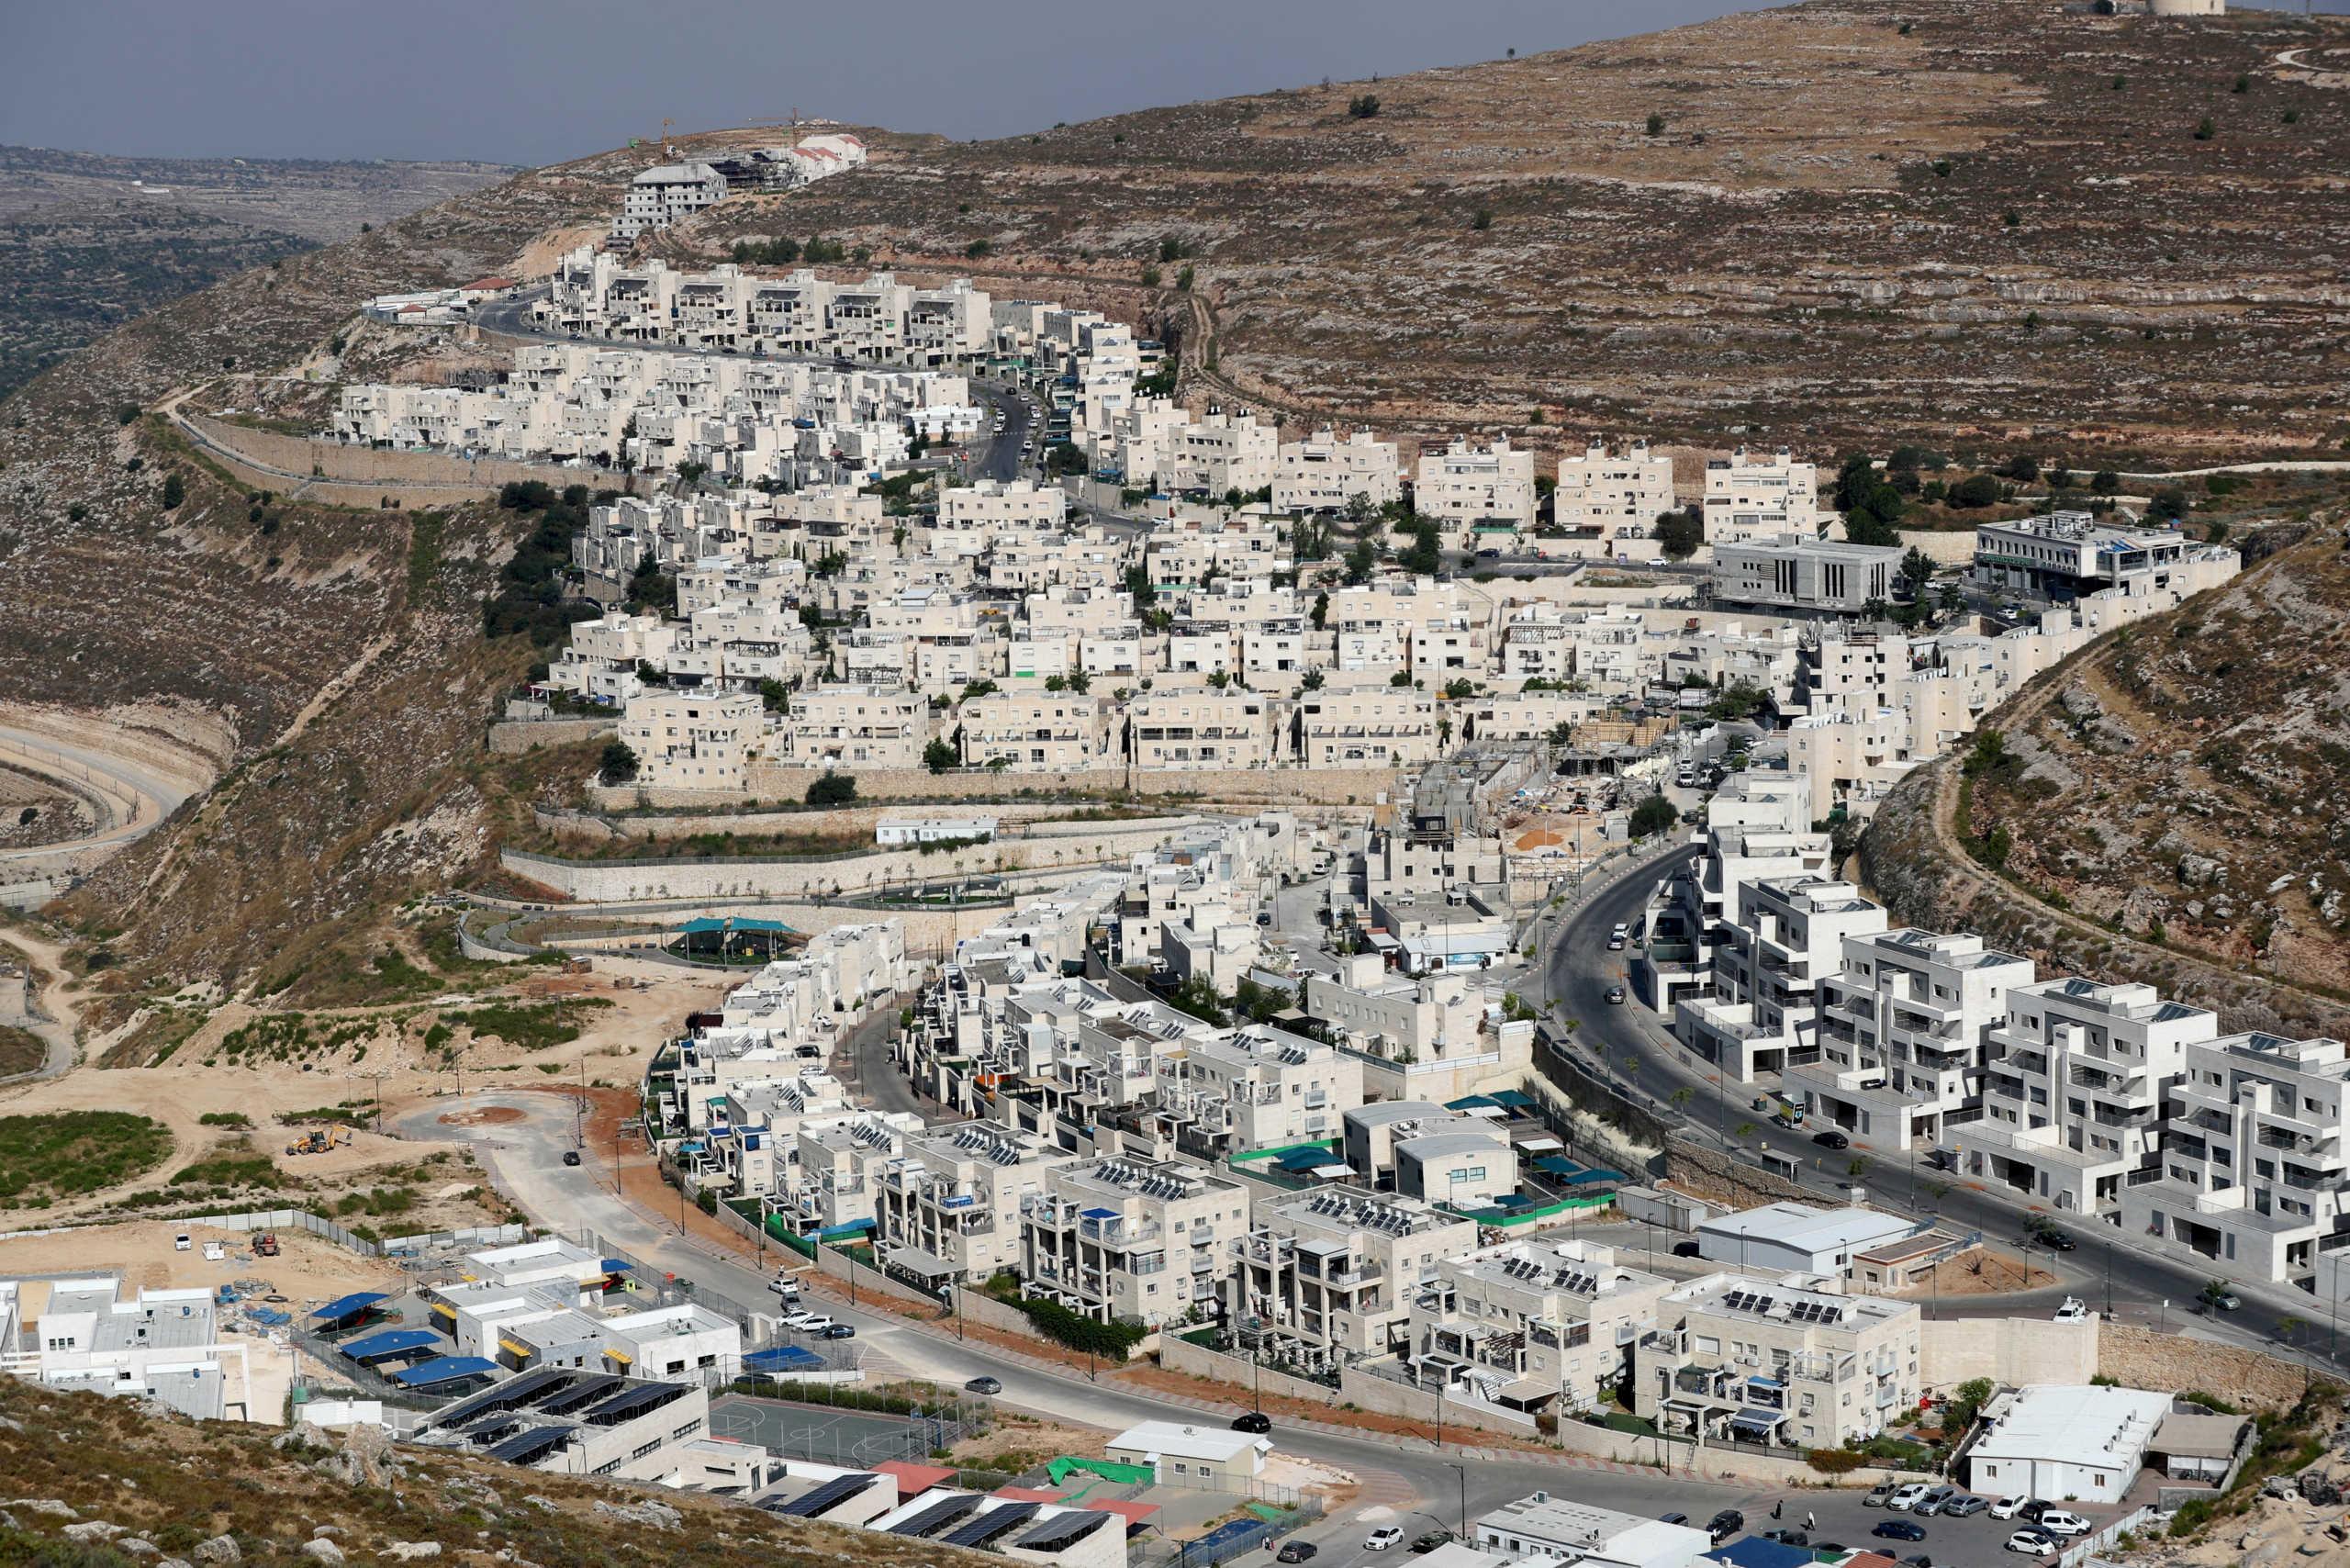 Δυτική Όχθη: Νεκρή Παλαιστίνια από Ισραηλινούς πυροβολισμούς – «Τους επιτέθηκε με μαχαίρι»